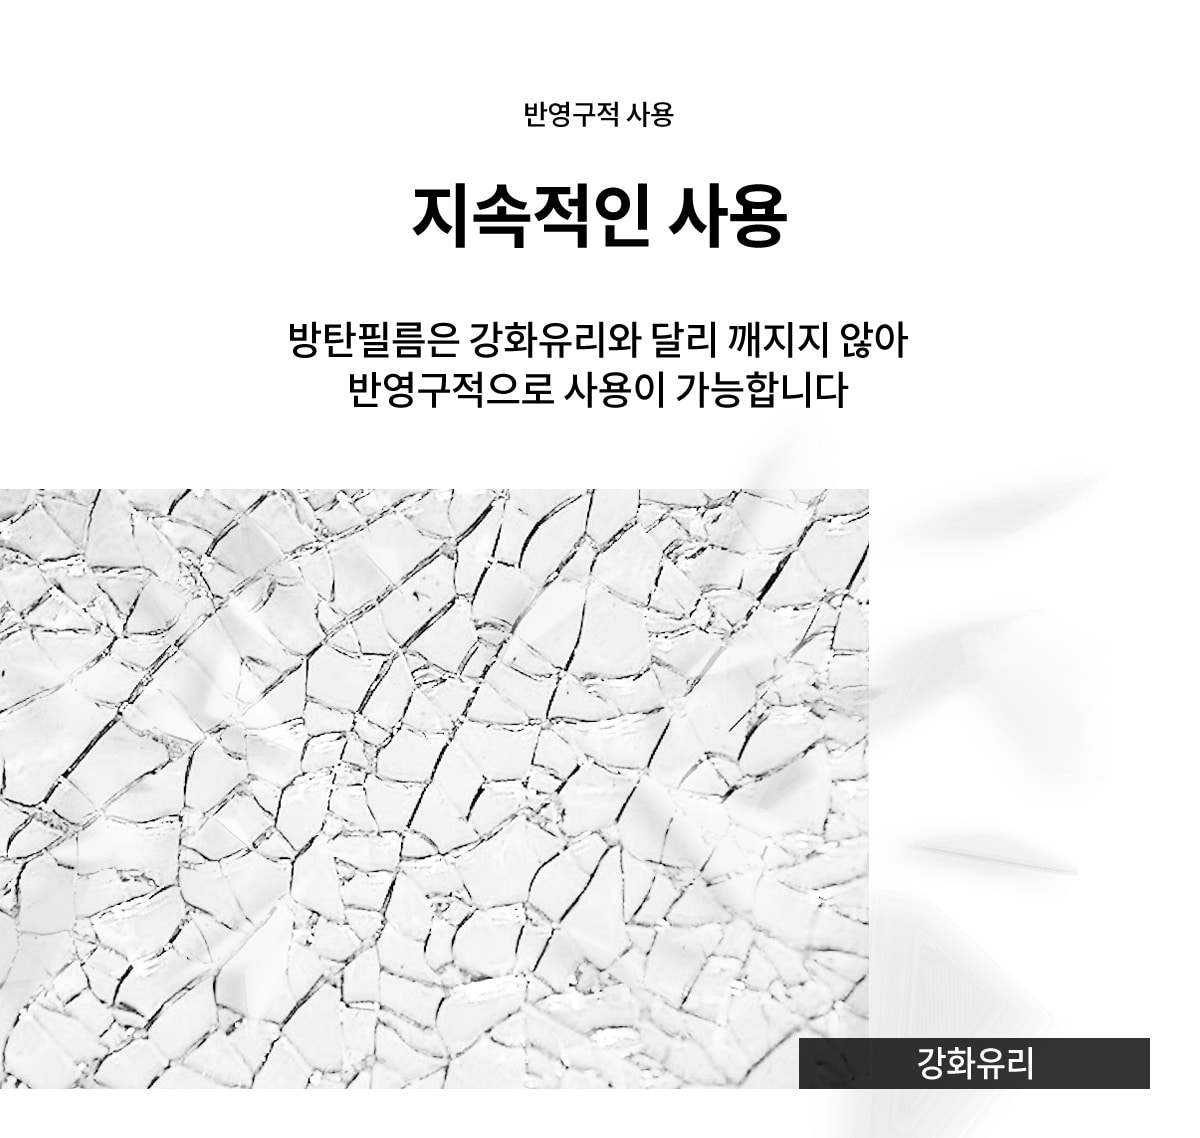 2장 아이폰XR 트라움가드 강화방탄유리 보호필름 - 티지디, 19,000원, 필름/스킨, 아이폰XR